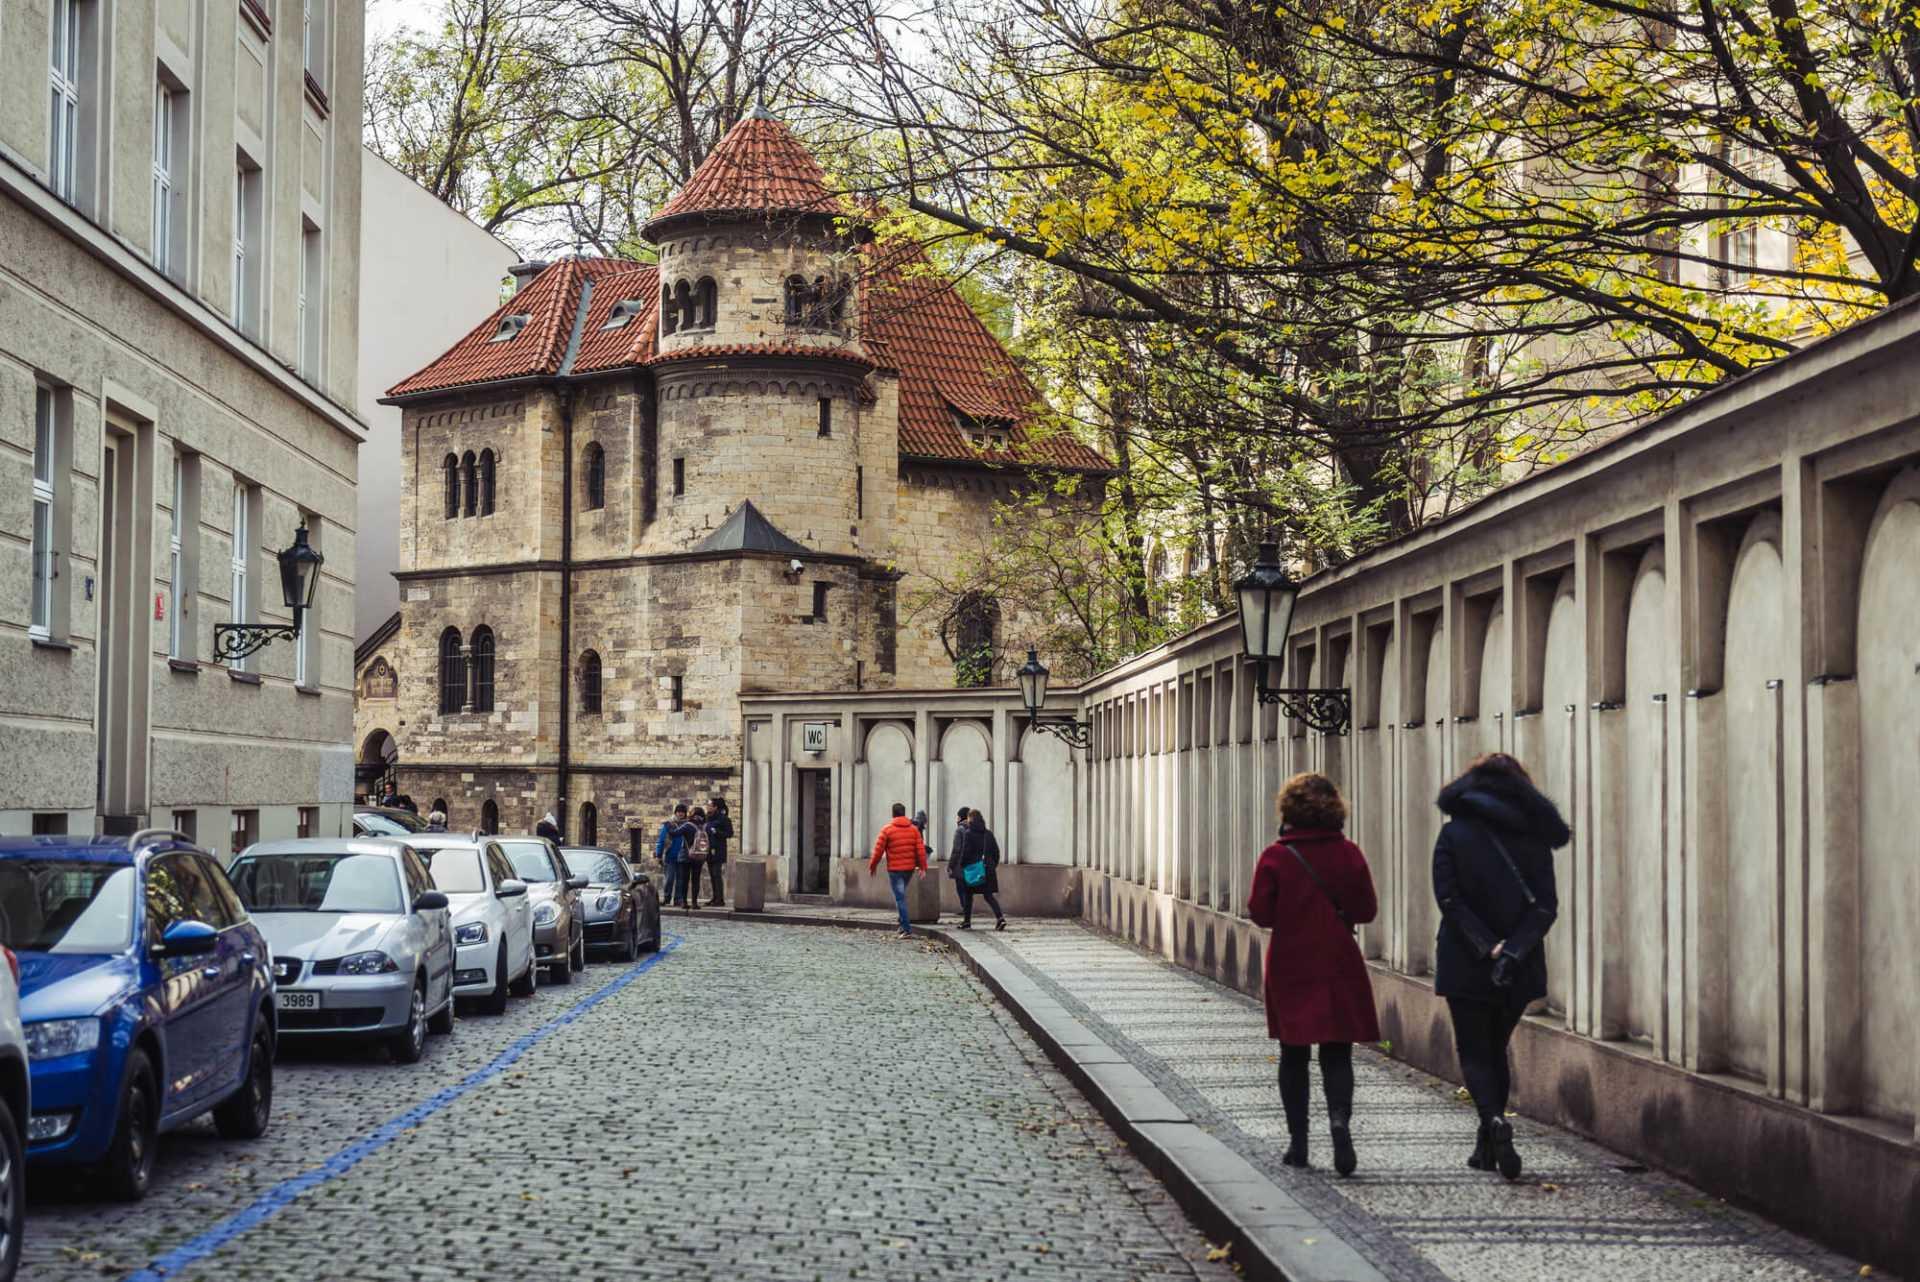 המוזיאון היהודי בפראג – כרטיסים, מחירים, וכל הפרטים החשובים